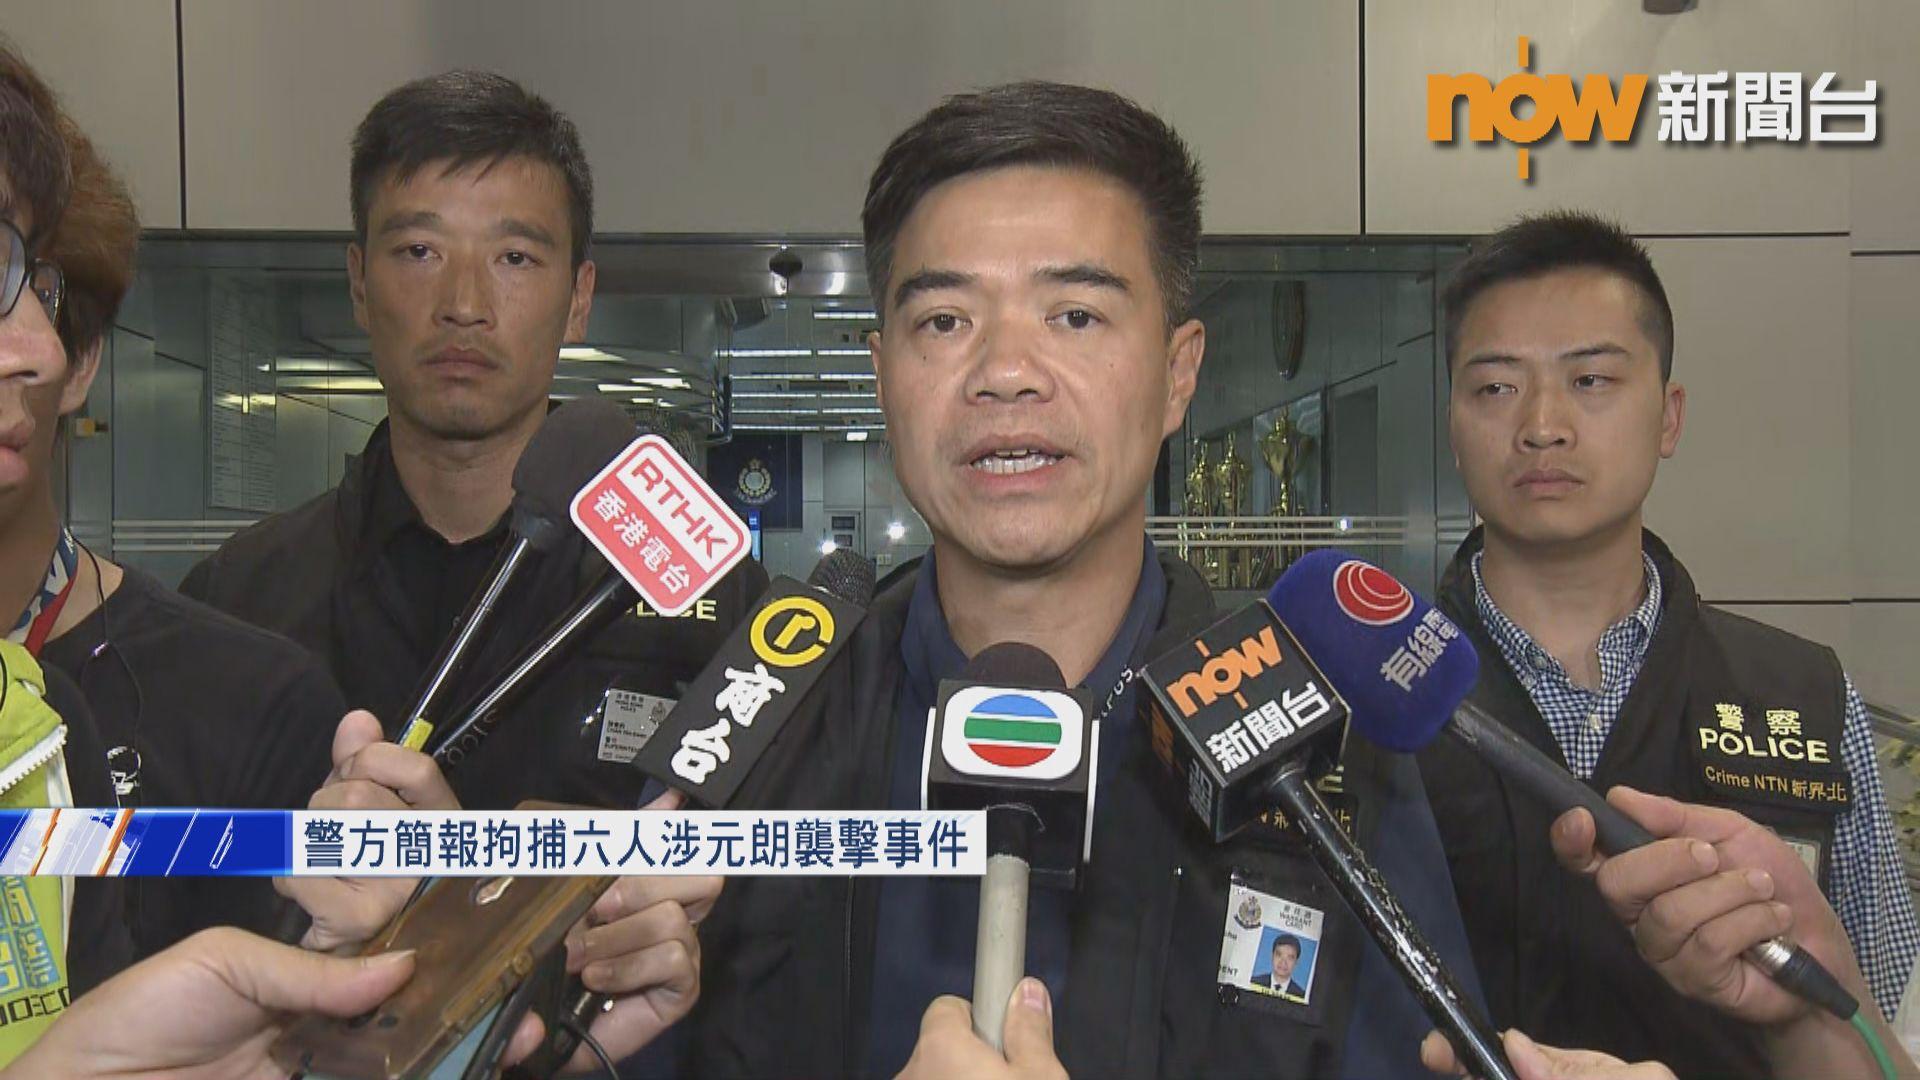 【最新】警方拘六人涉與周日元朗襲擊有關